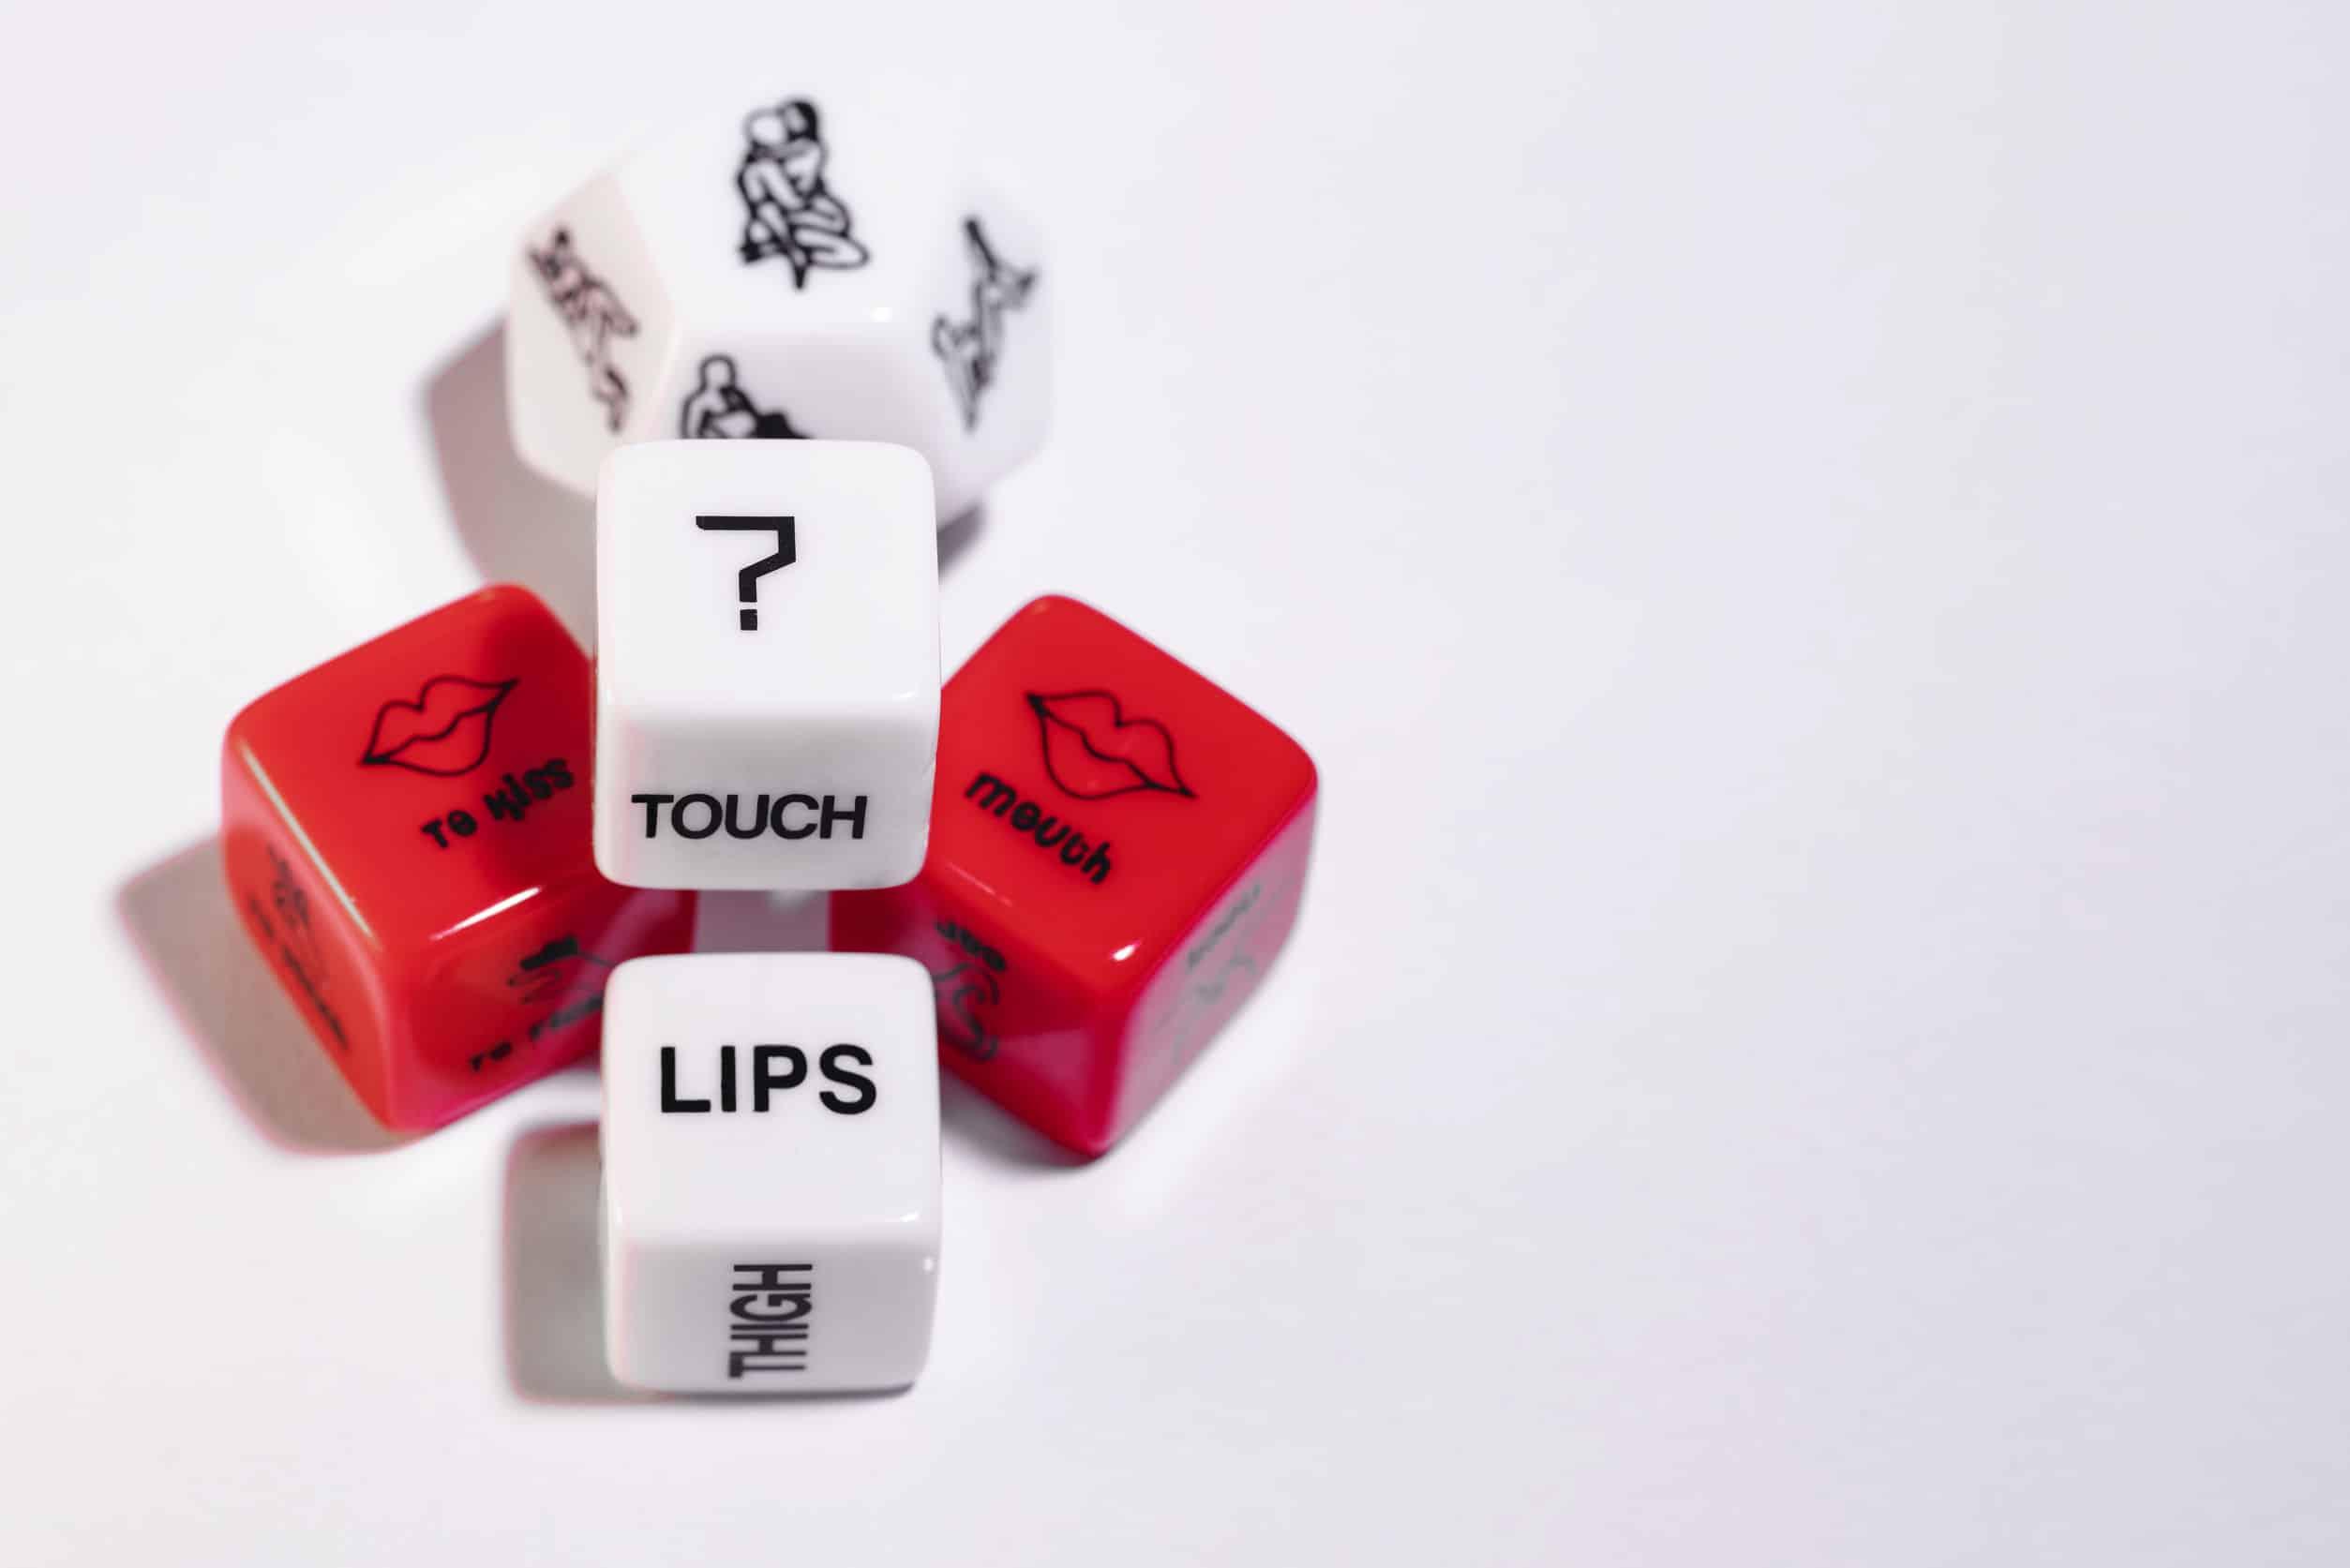 Imagem de dados eróticos brancos e vermelhos com posições, partes do corpo e ações